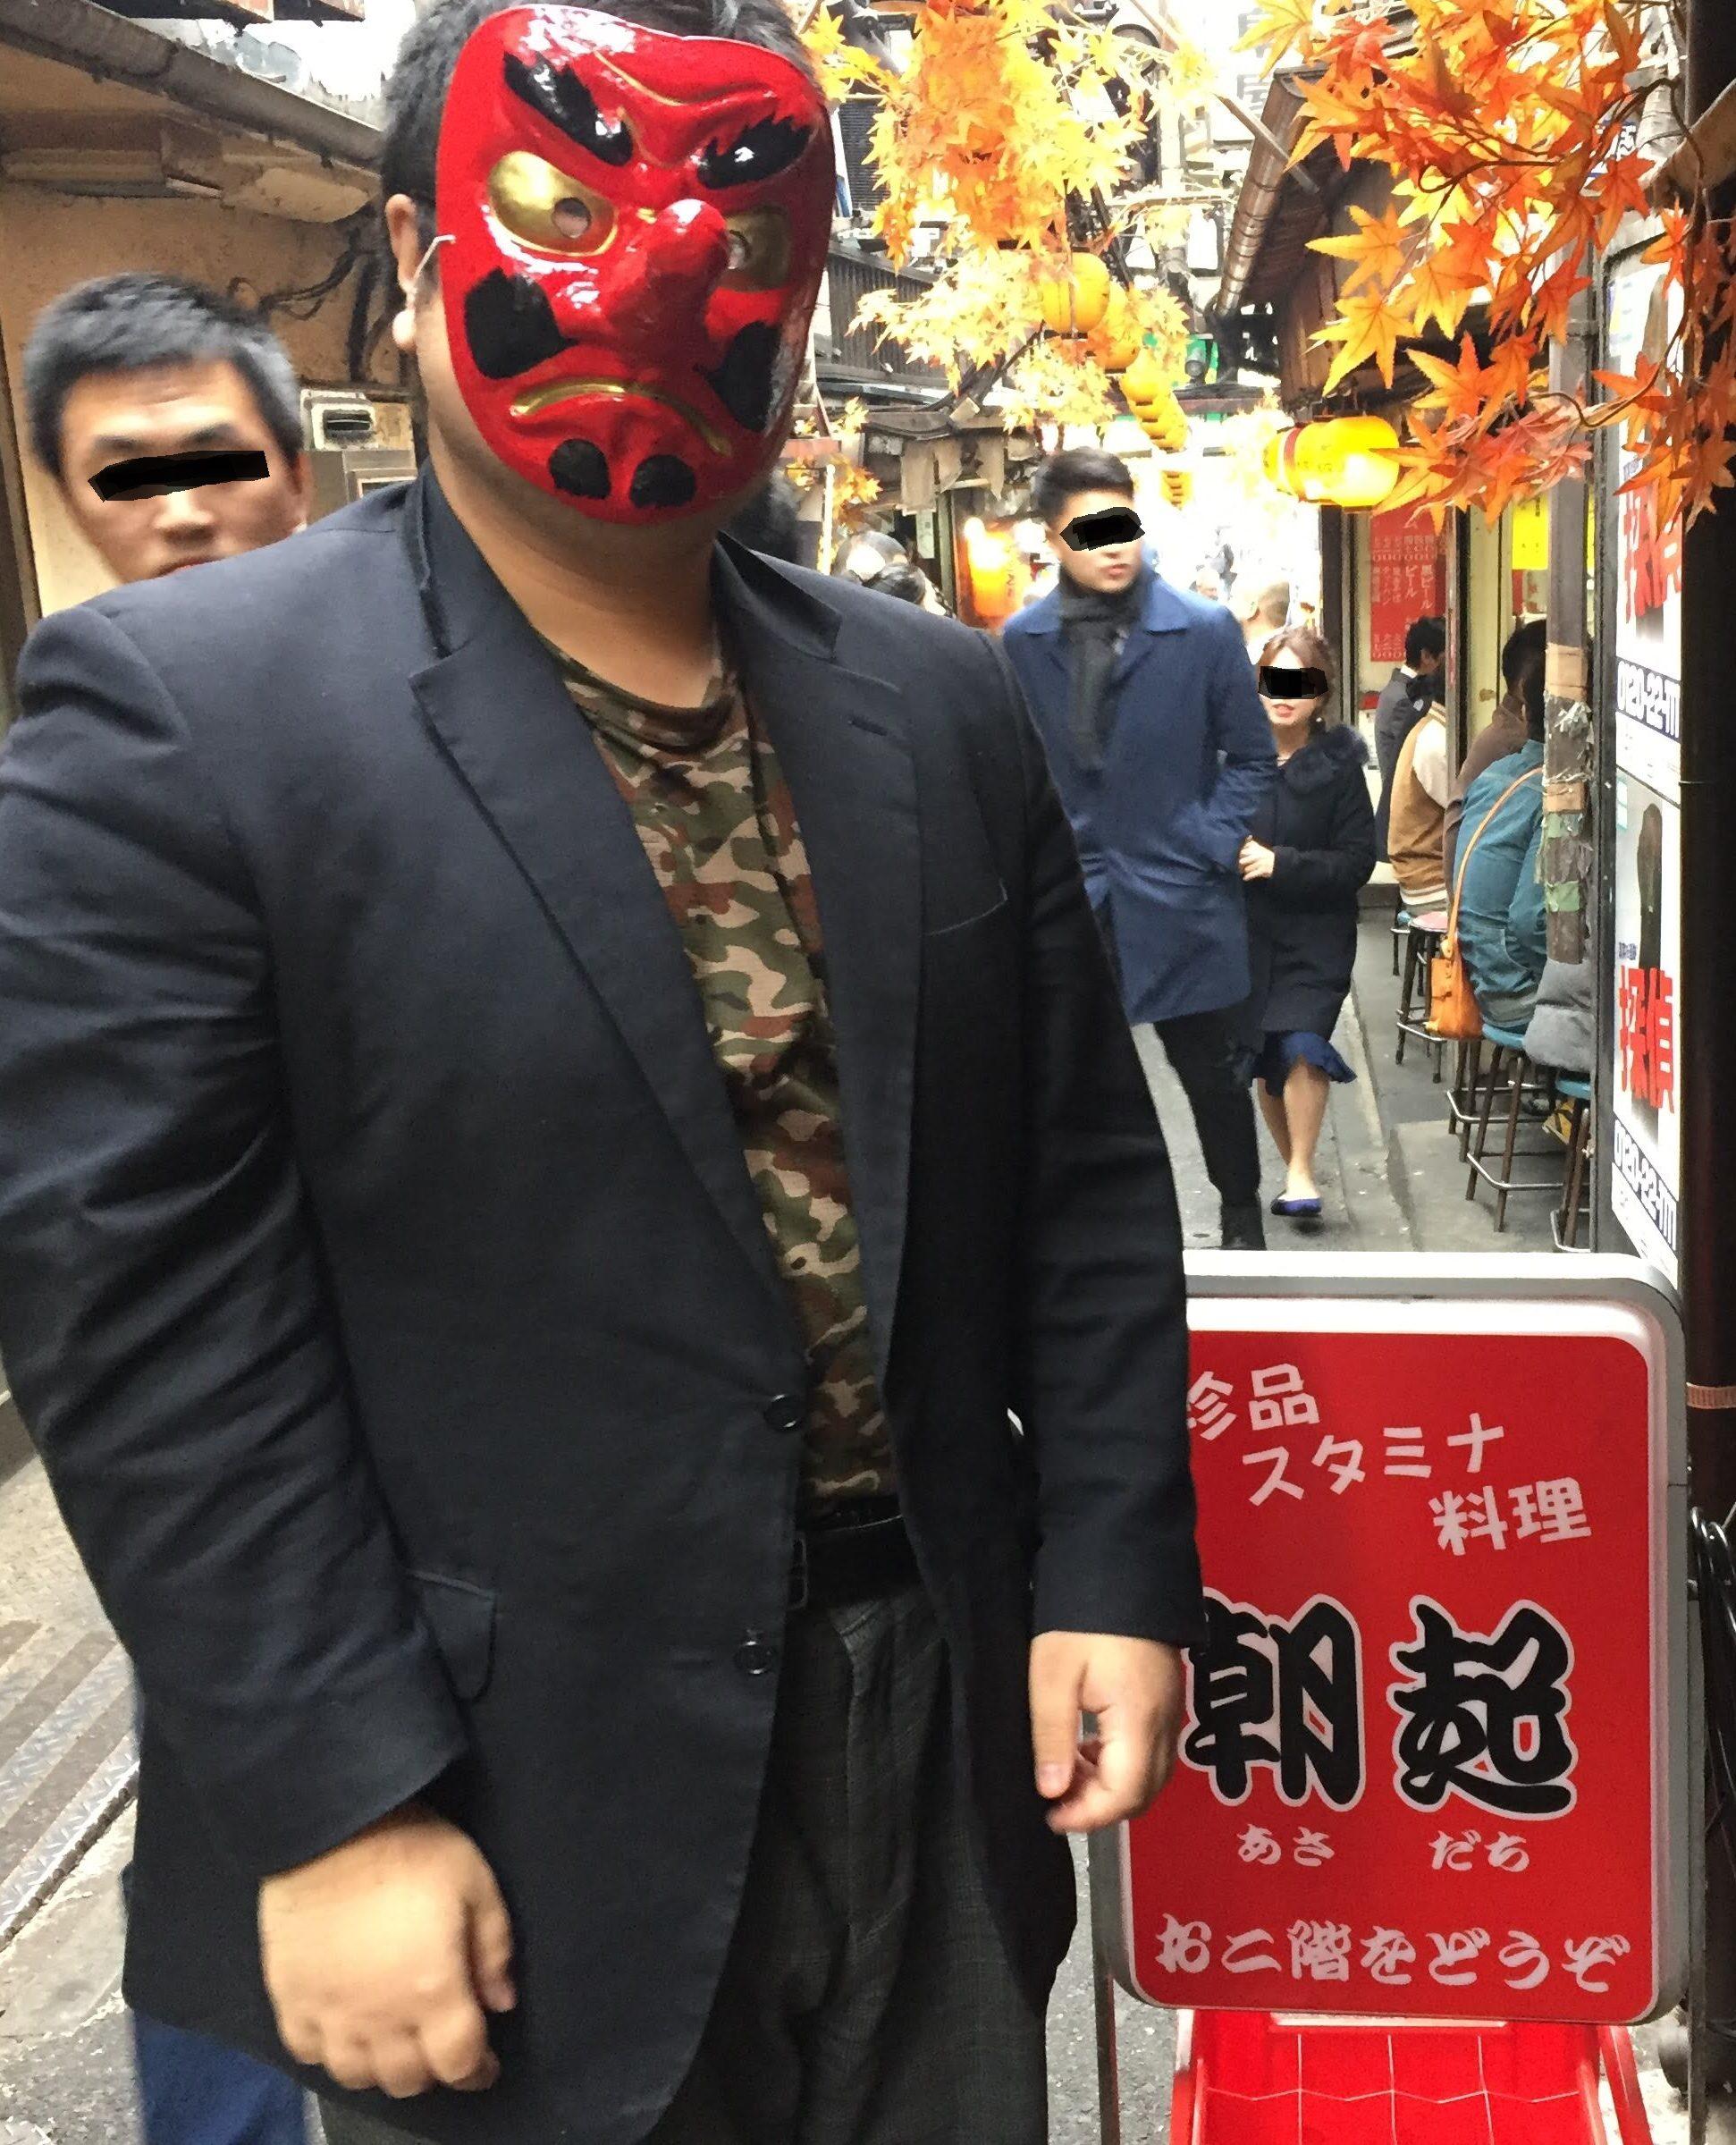 新宿の「朝起」店の前で天狗のお面をかぶるダースー